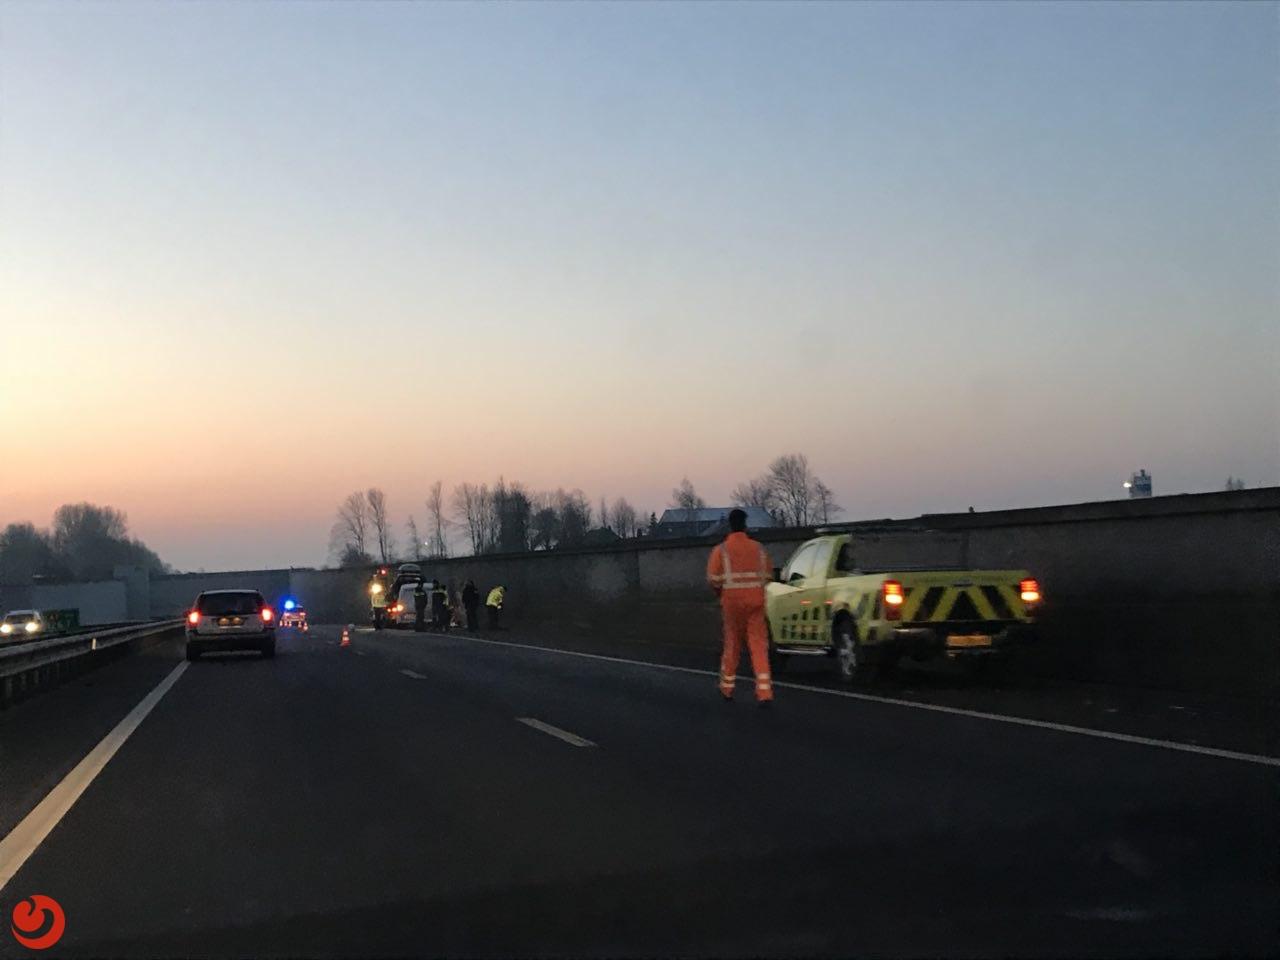 Ongeval met twee auto's zorgt voor lange file